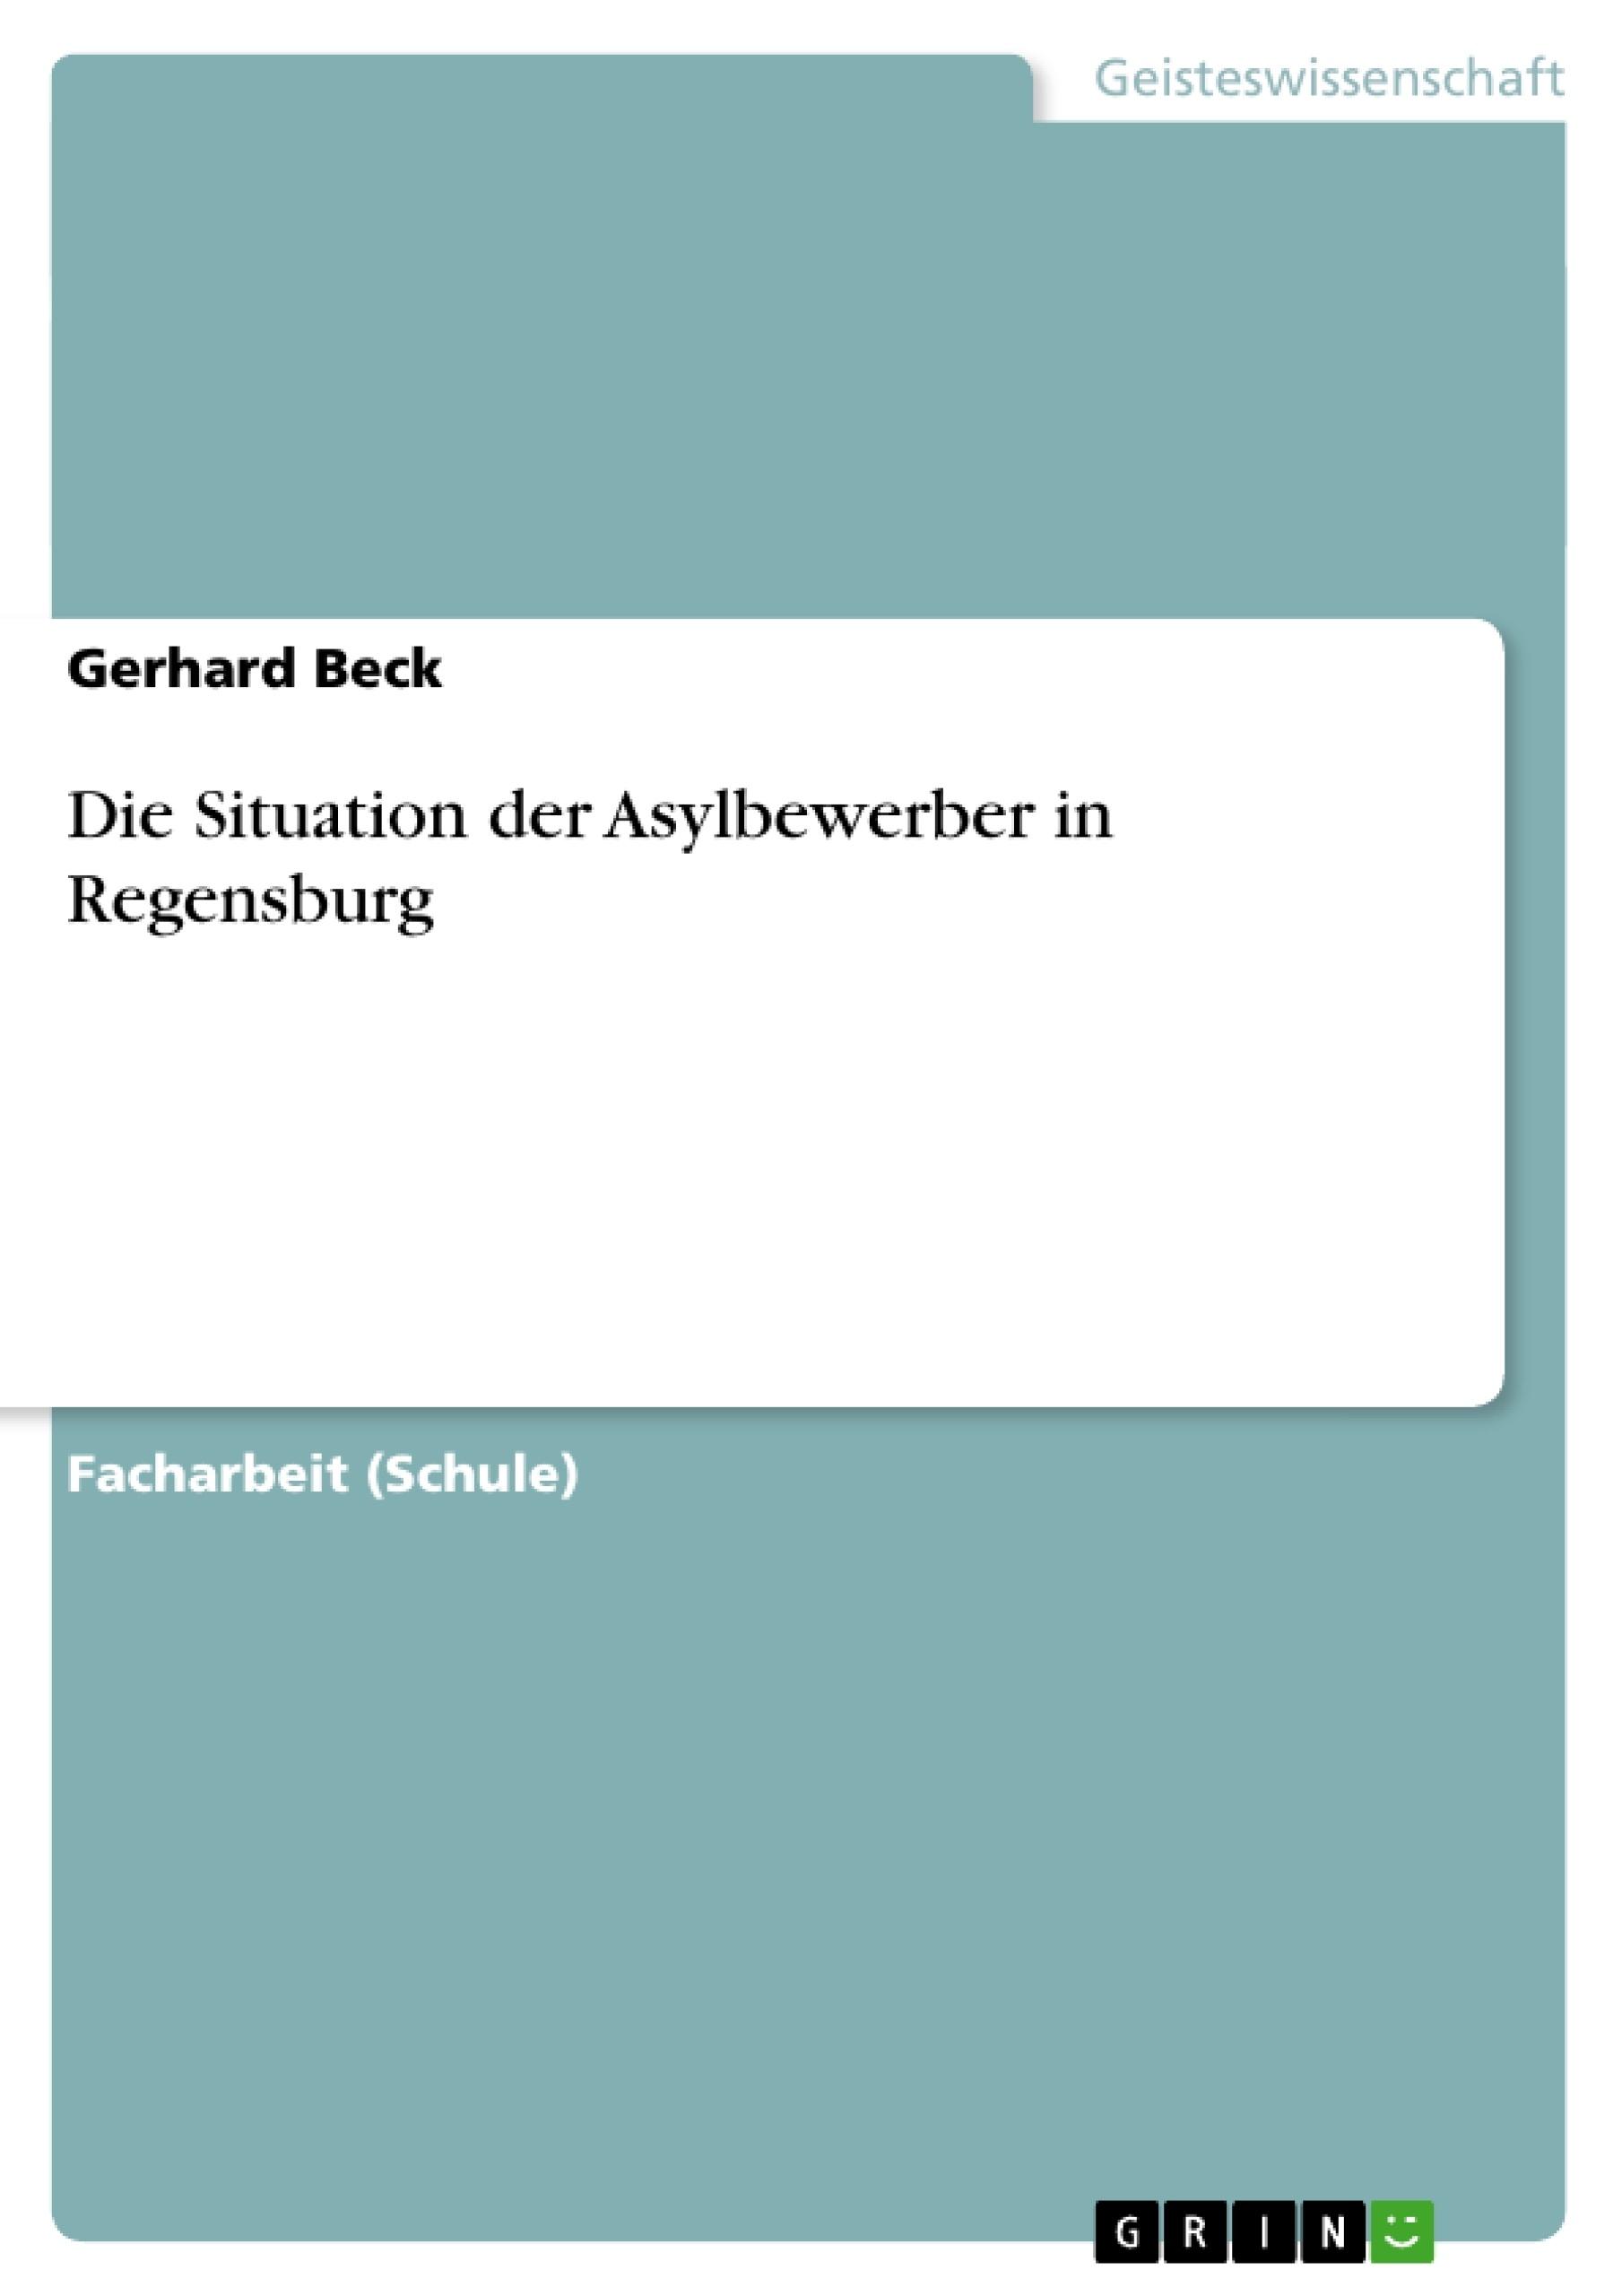 Titel: Die Situation der Asylbewerber in Regensburg